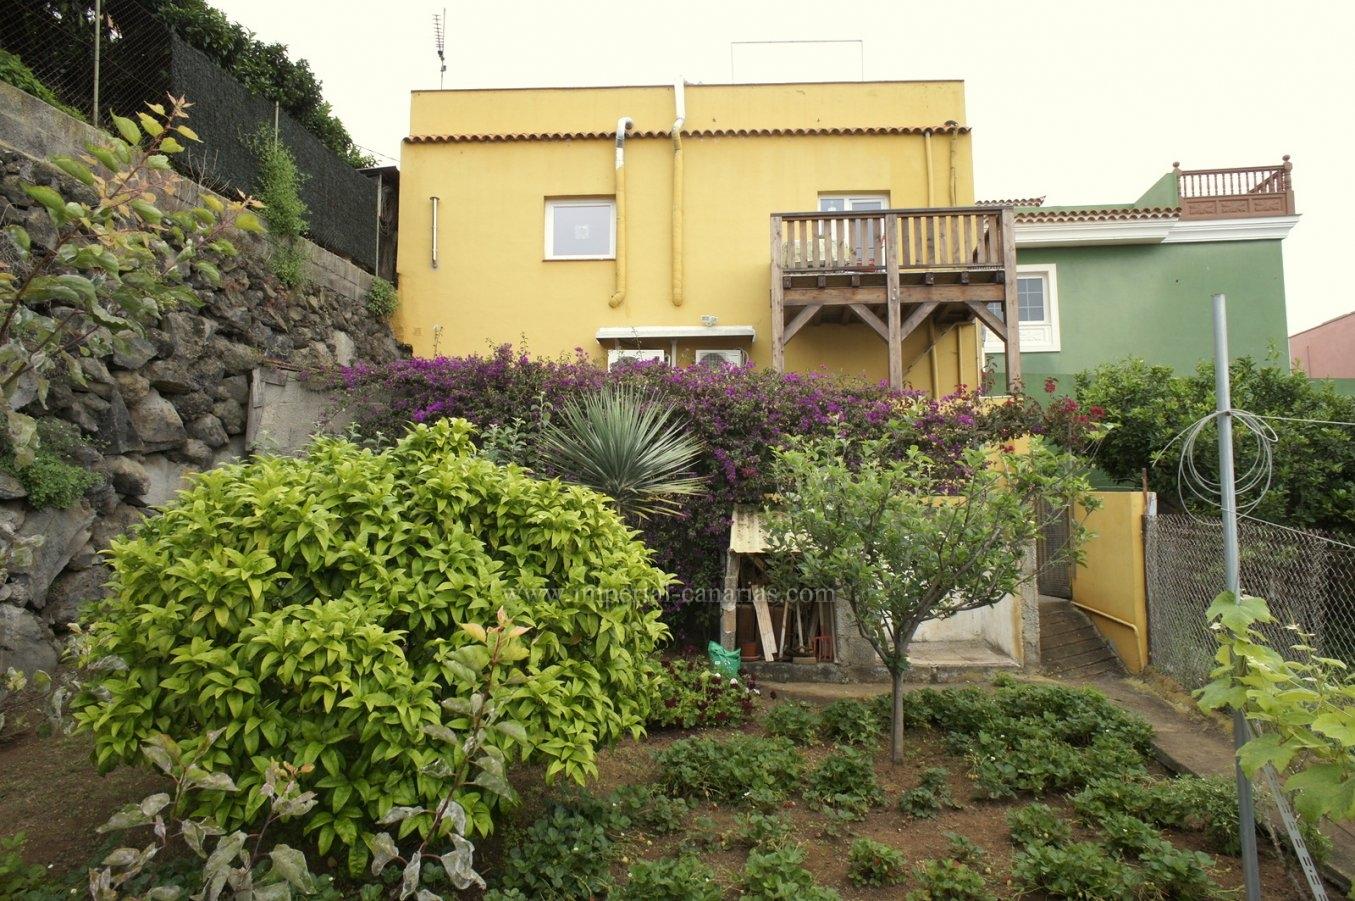 Gemütliches Einfamilienhaus mit Obstgarten und tollem Blick. Auch für Ferienvermietung geeignet!